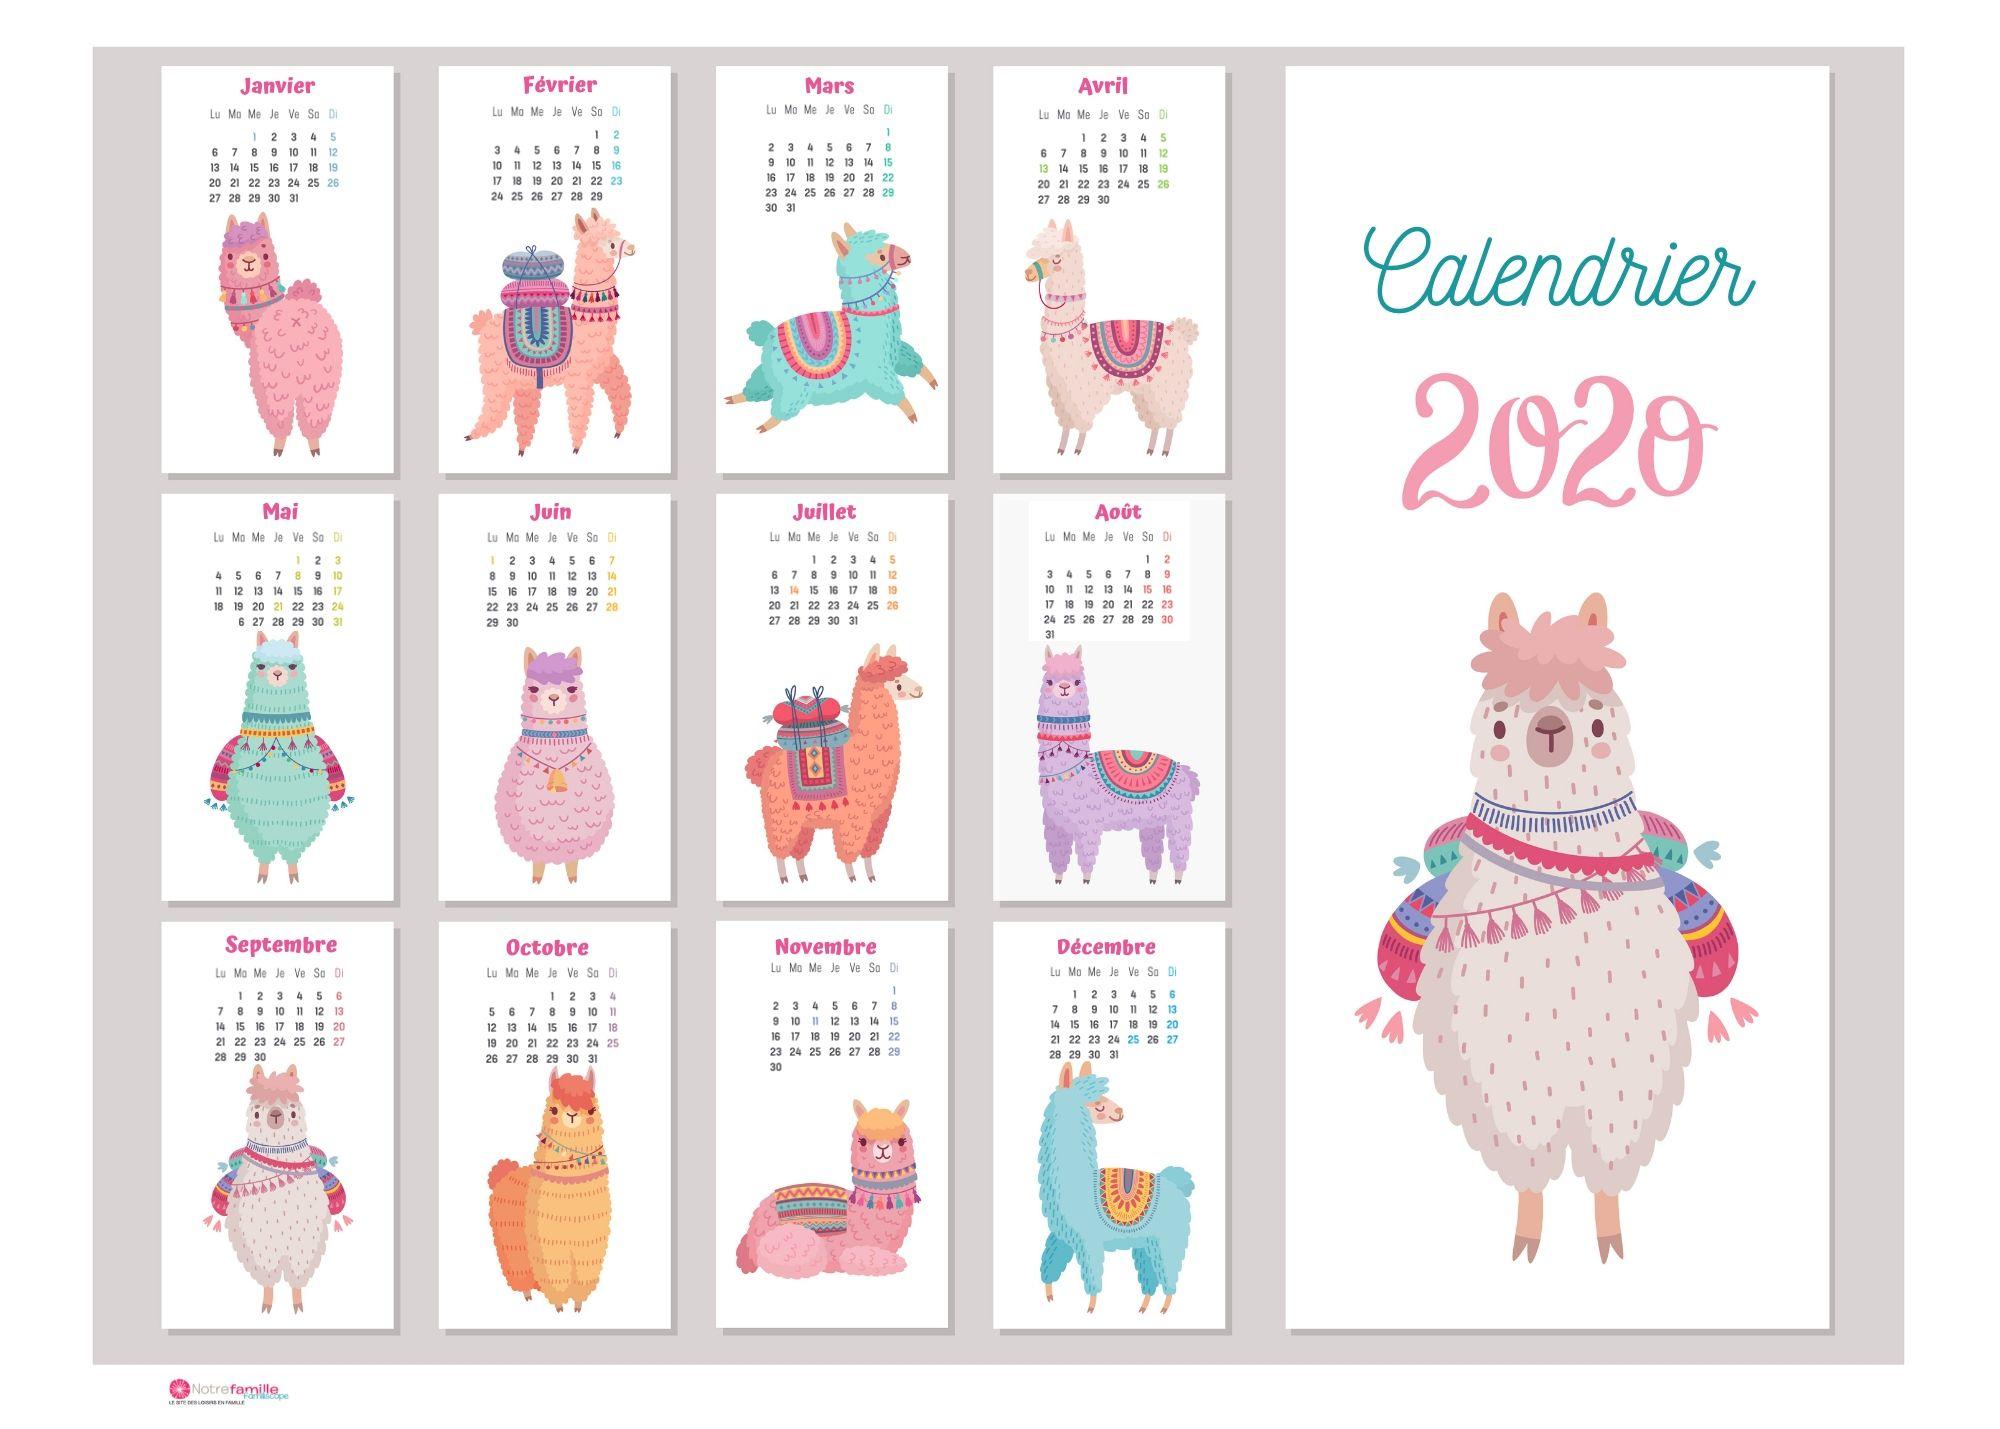 Calendriers 2020 À Imprimer Pour Les Enfants encequiconcerne Calendrier Des Anniversaires À Imprimer Gratuit